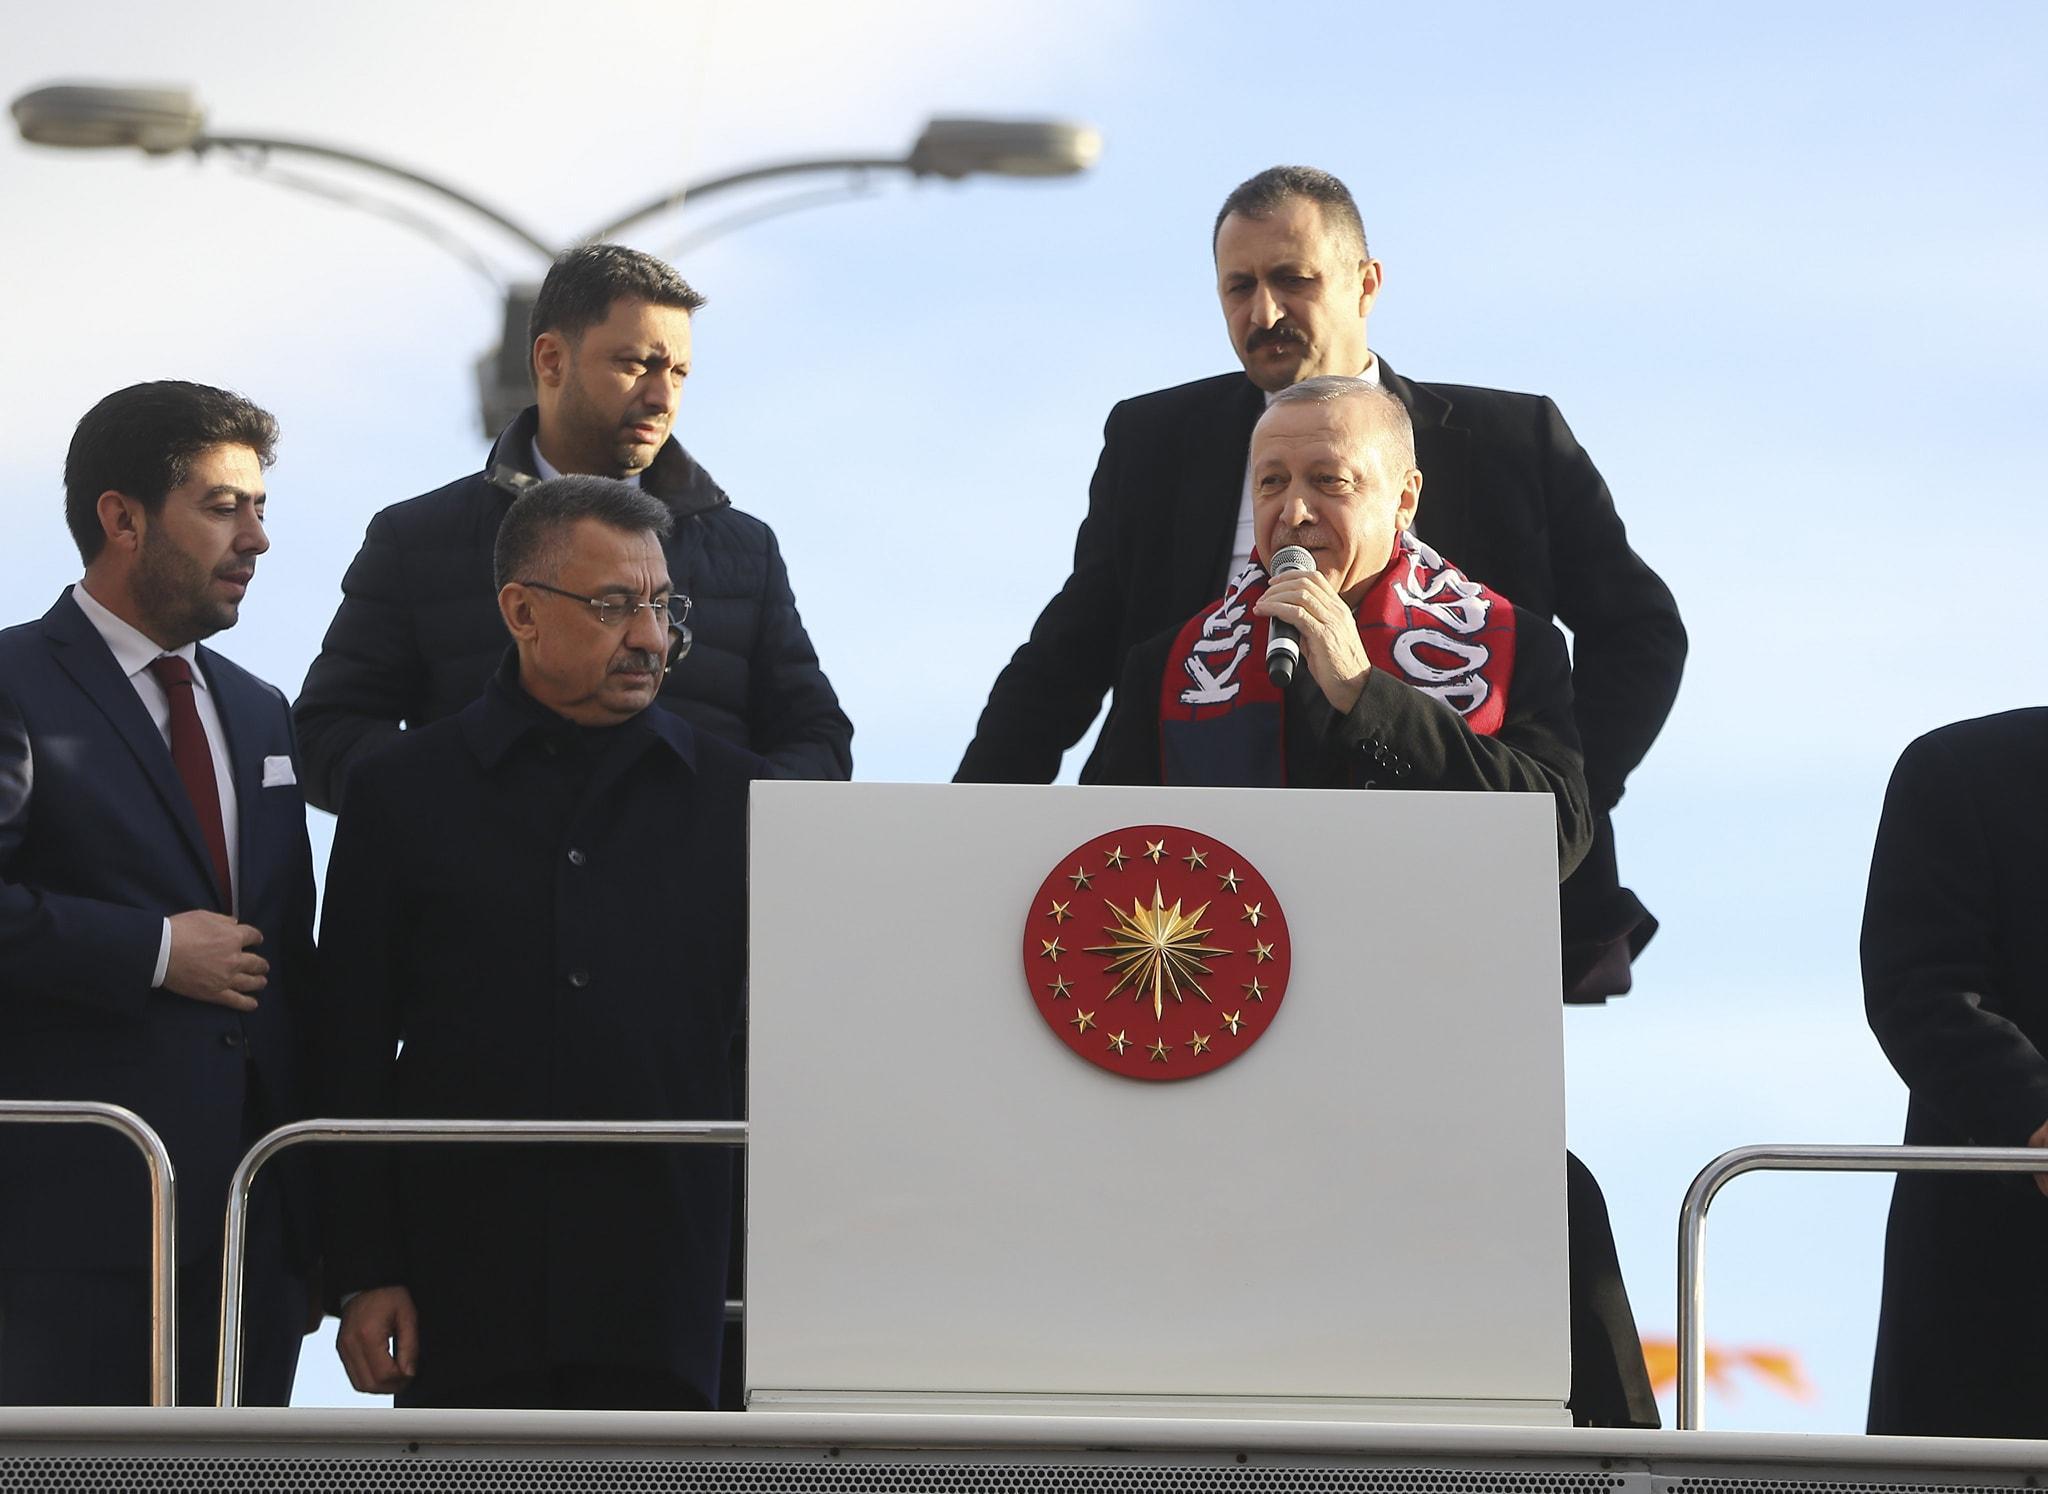 Cumhurbaşkanı ErdoğanDelice İçin Talimatlar Verdi